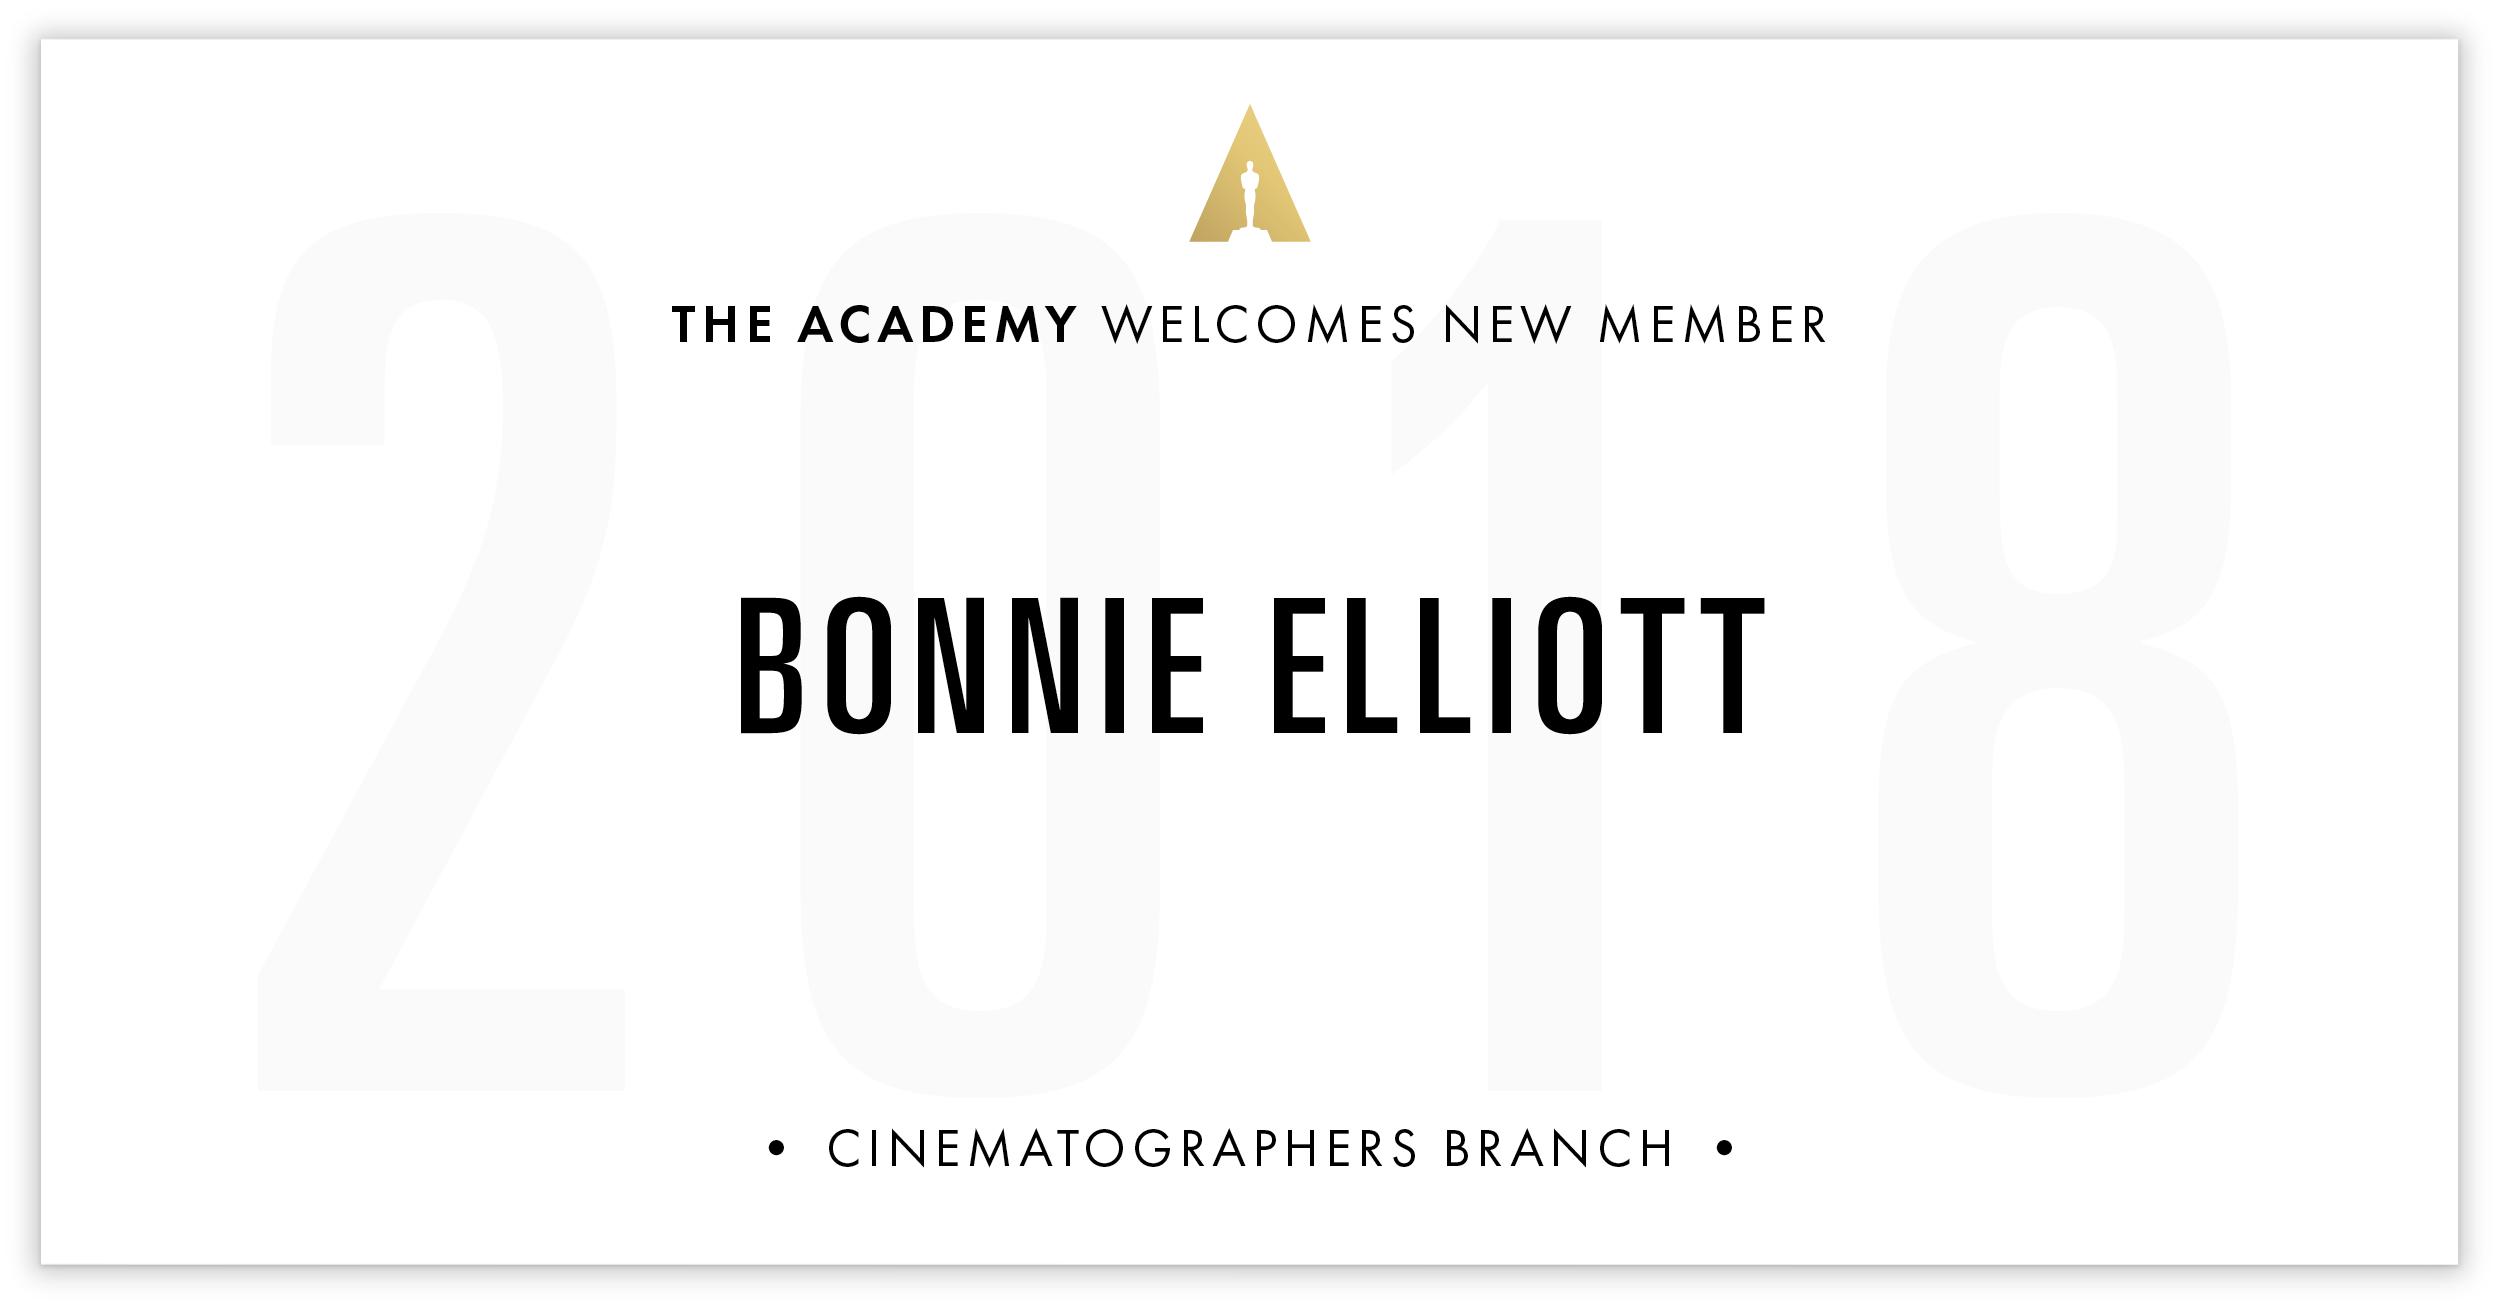 Bonnie Elliott is invited!